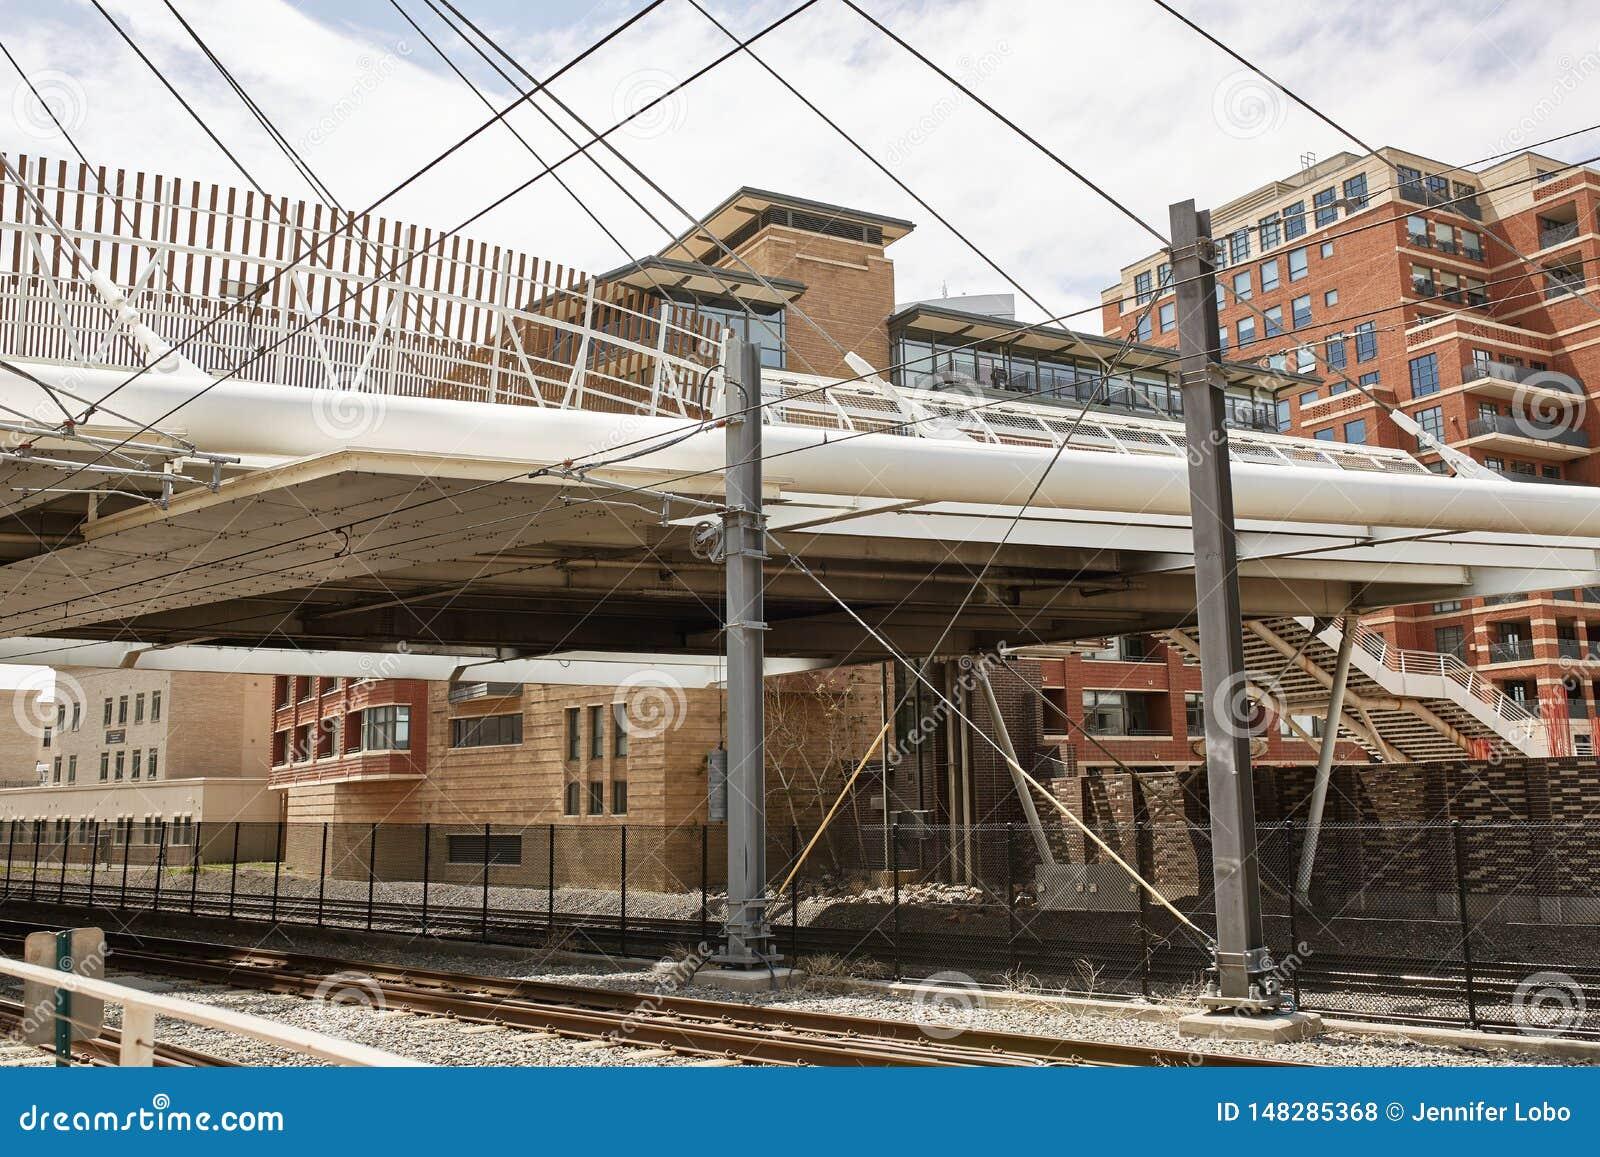 共同性的千禧桥在丹佛,科罗拉多停放